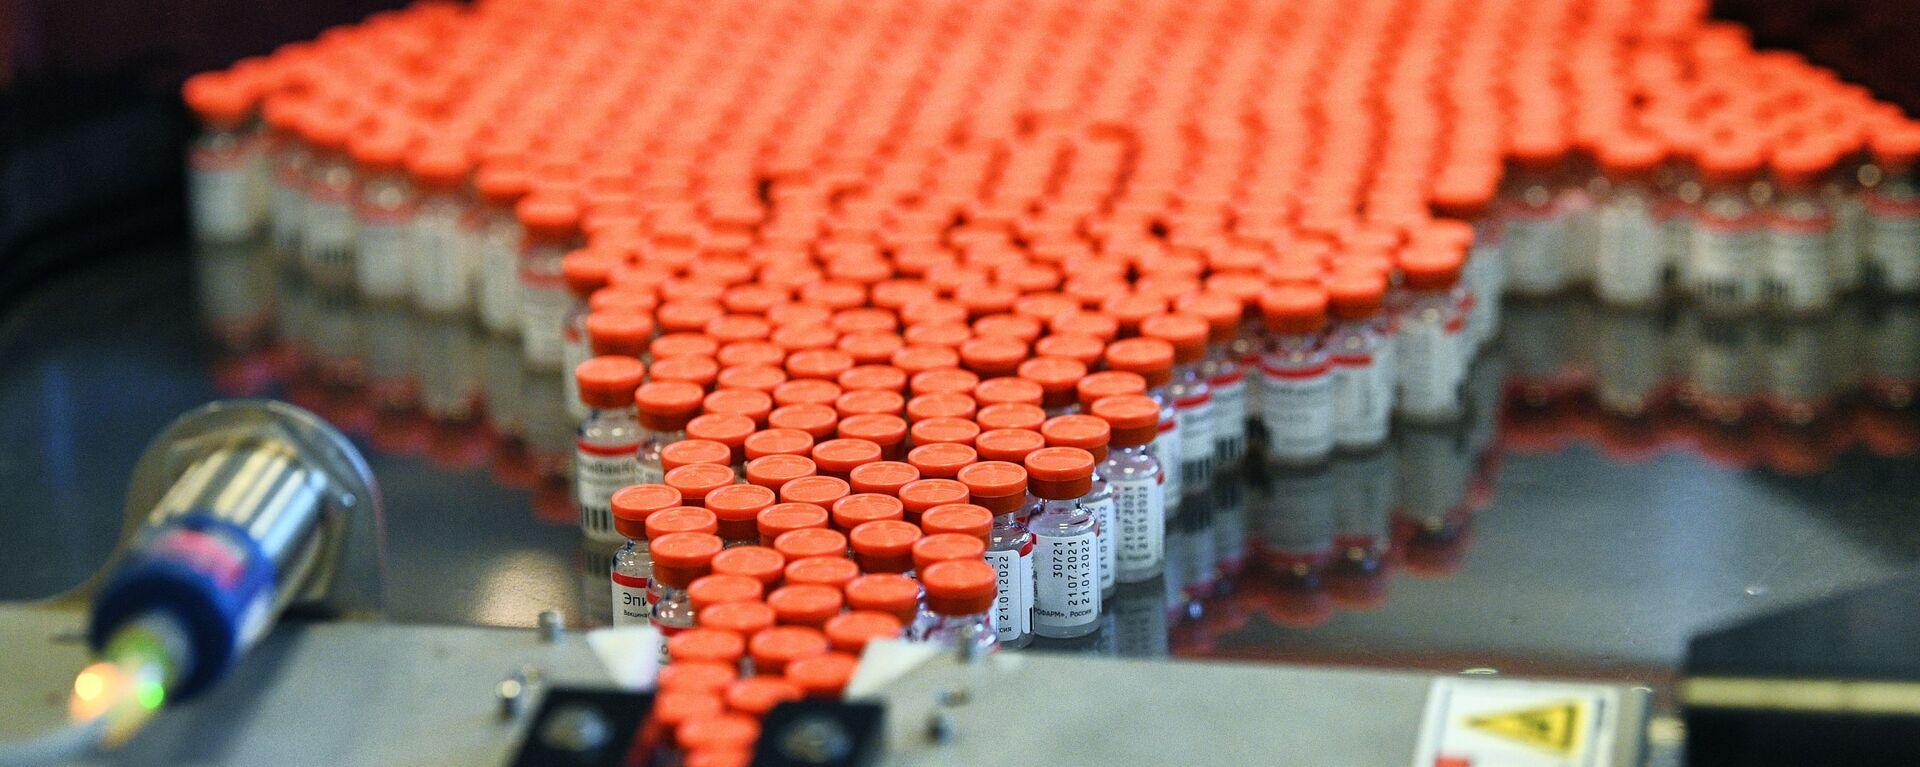 Запуск производства вакцины ЭпиВакКорона для профилактики COVID-19 в Подмосковье - Sputnik Абхазия, 1920, 24.09.2021